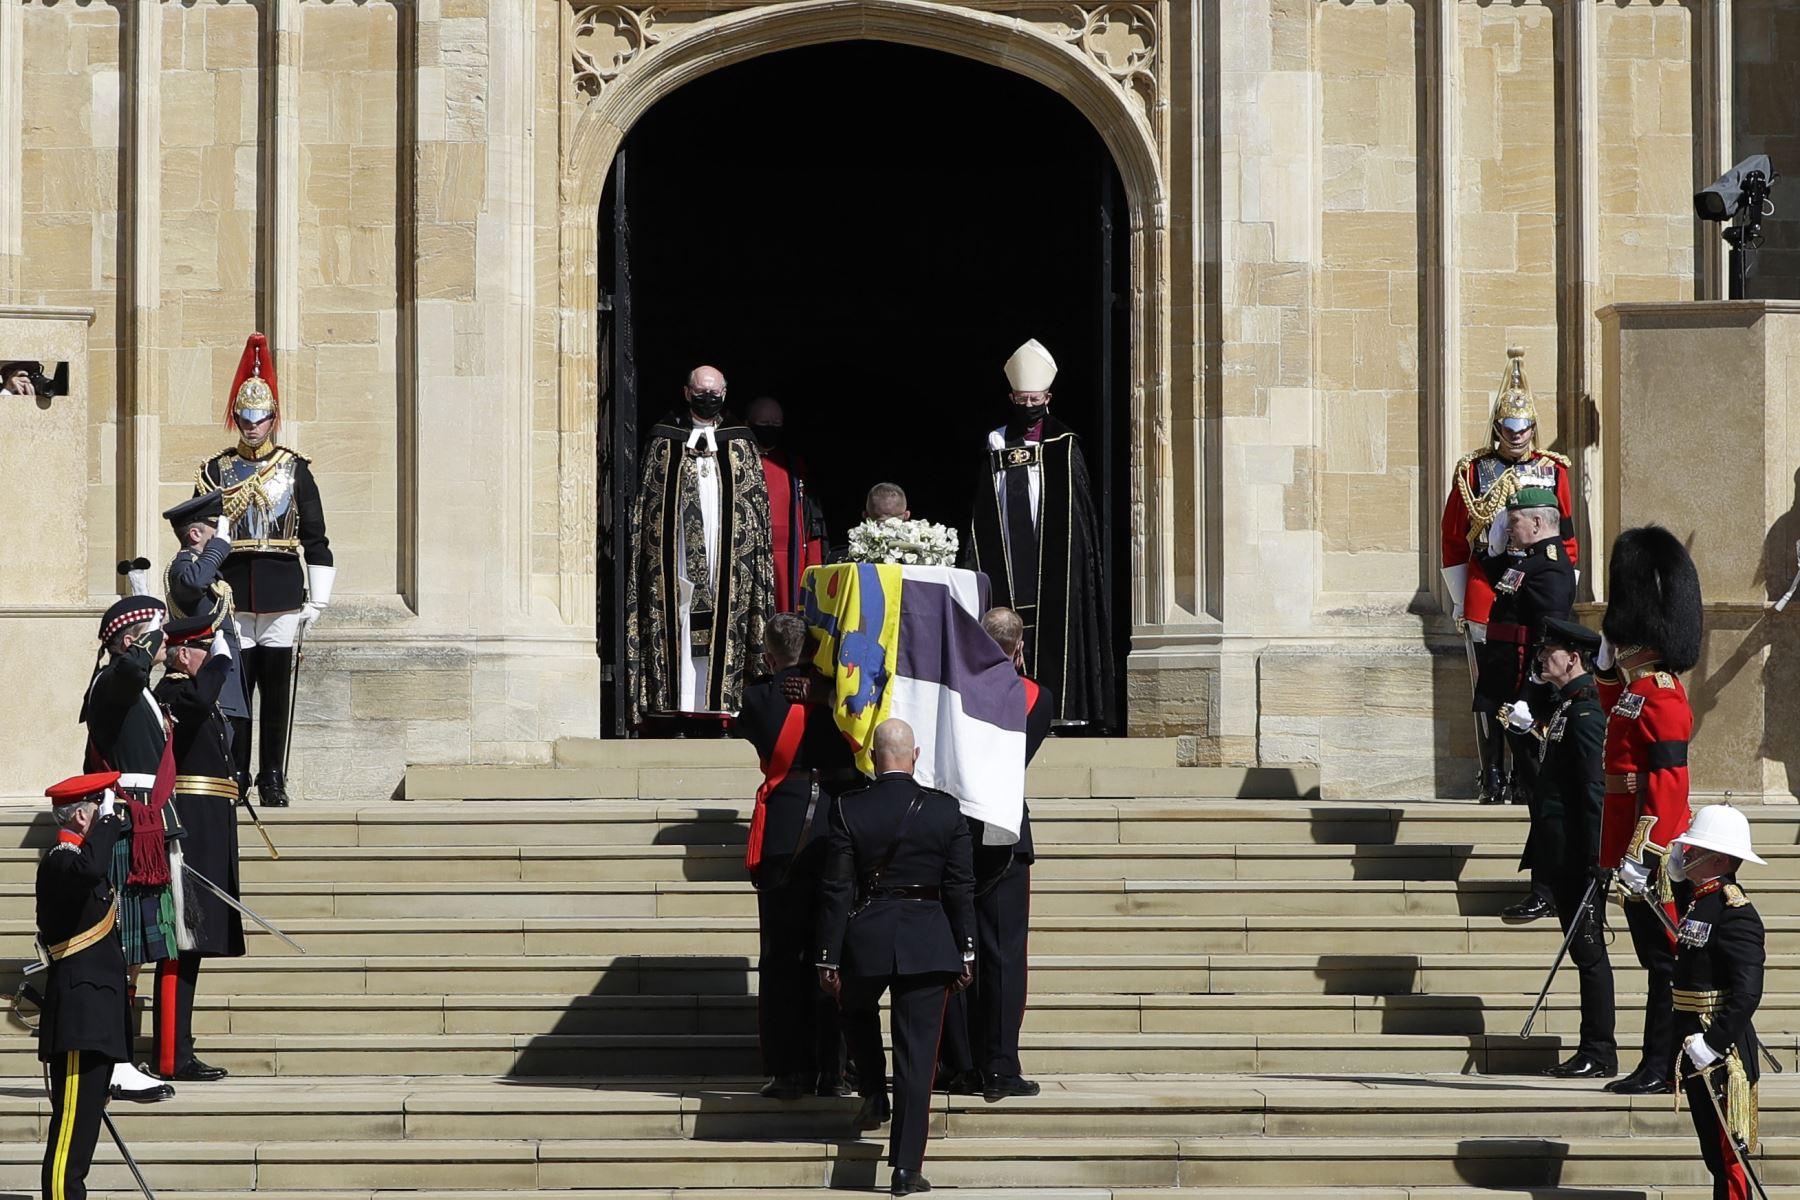 Los portadores del féretro de los Royal Marines llevan el ataúd a la Capilla de San Jorge durante la procesión fúnebre ceremonial del príncipe Felipe de Gran Bretaña, duque de Edimburgo en el Castillo de Windsor. Foto: AFP